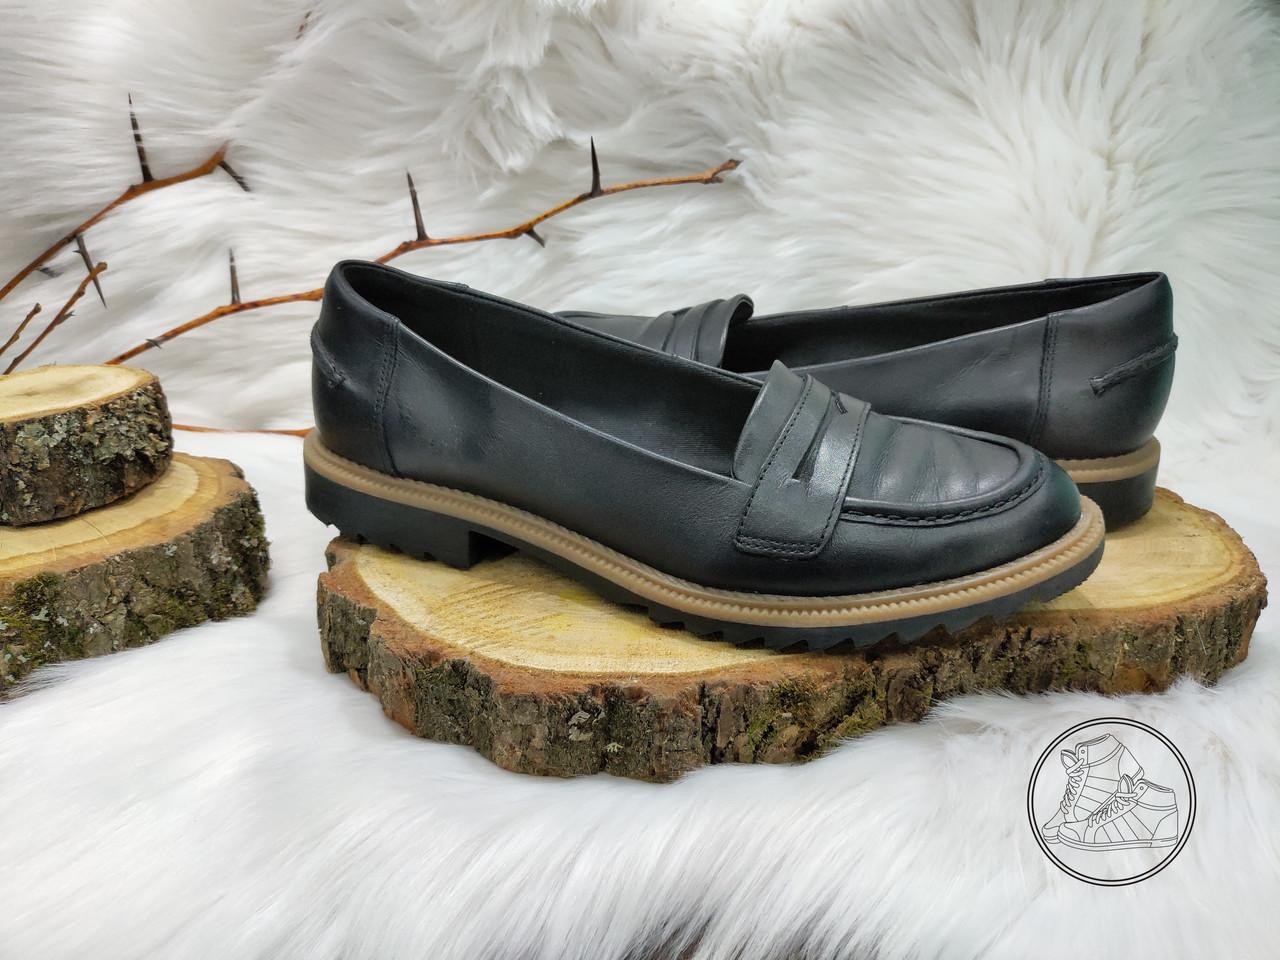 Туфли лофферы Clarks Clarks Griffin Milly (37,5 размер) бу